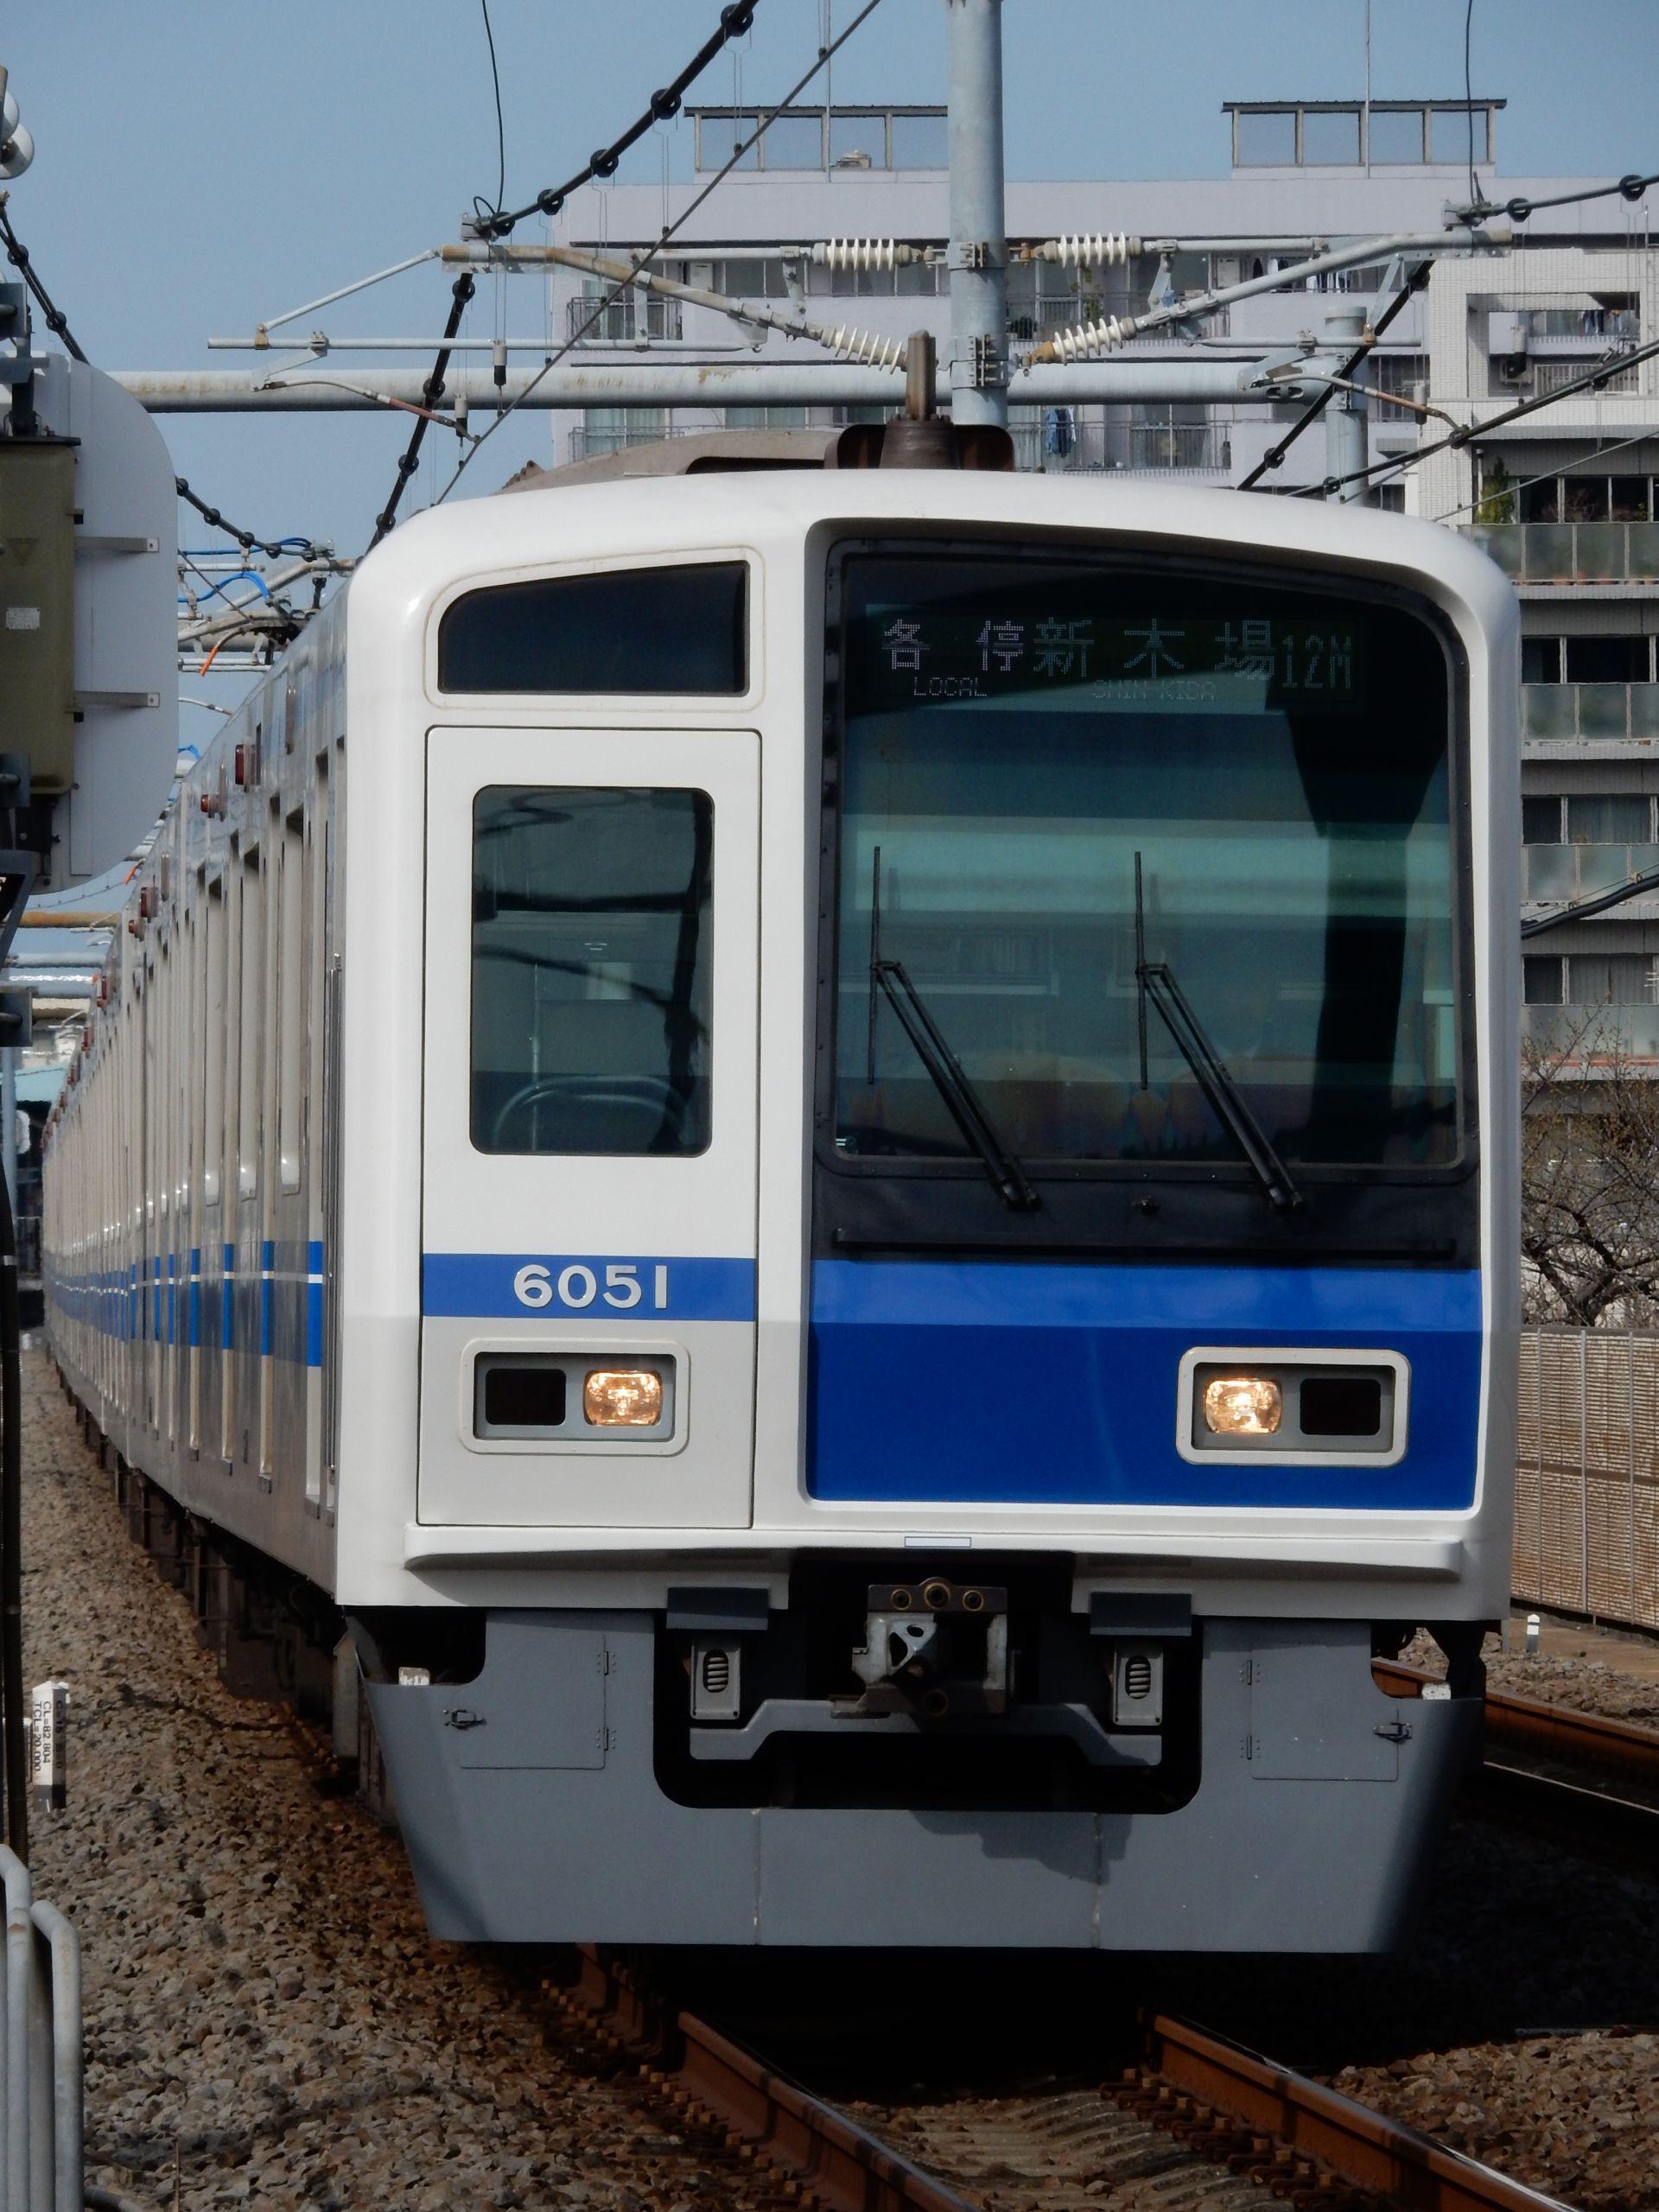 DSCN5561 - コピー